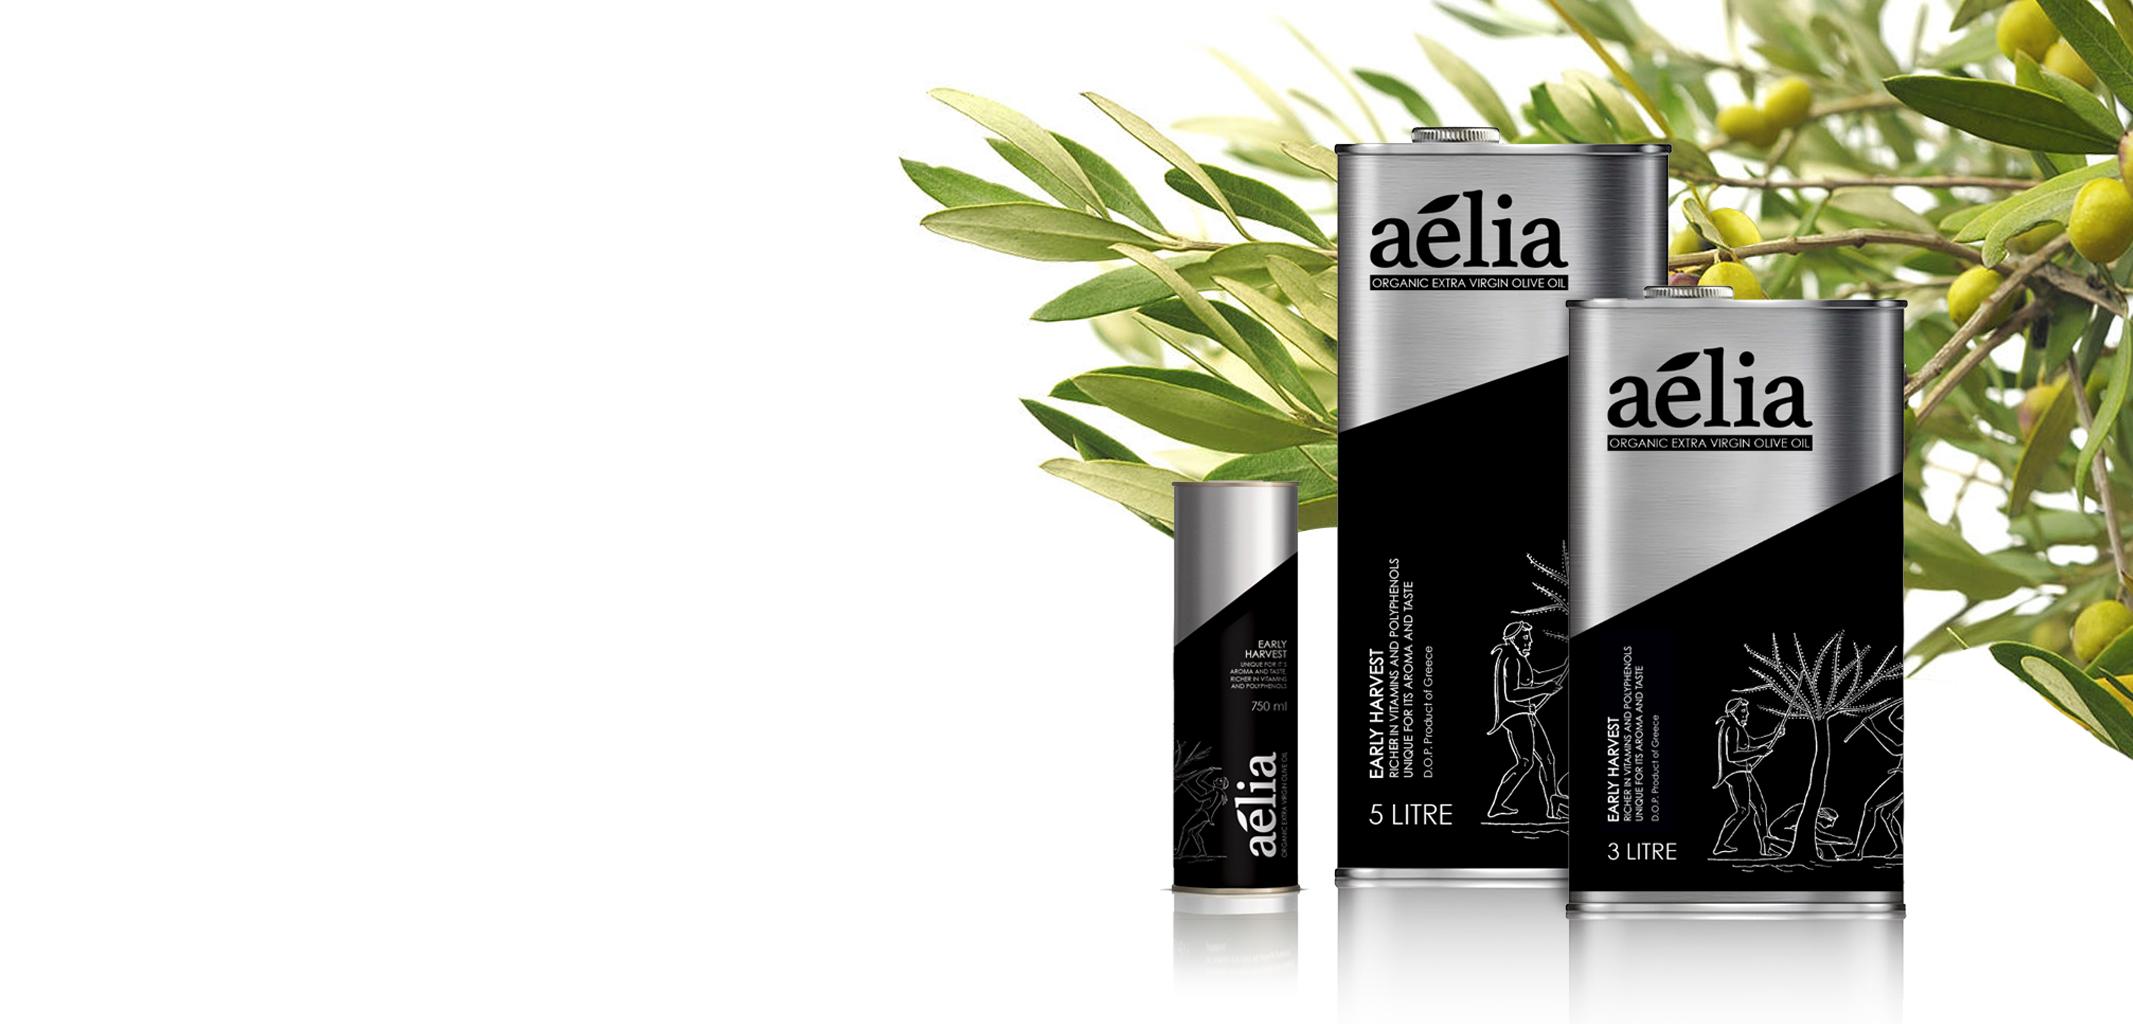 προϊόντα ελαιολάδου Aelia